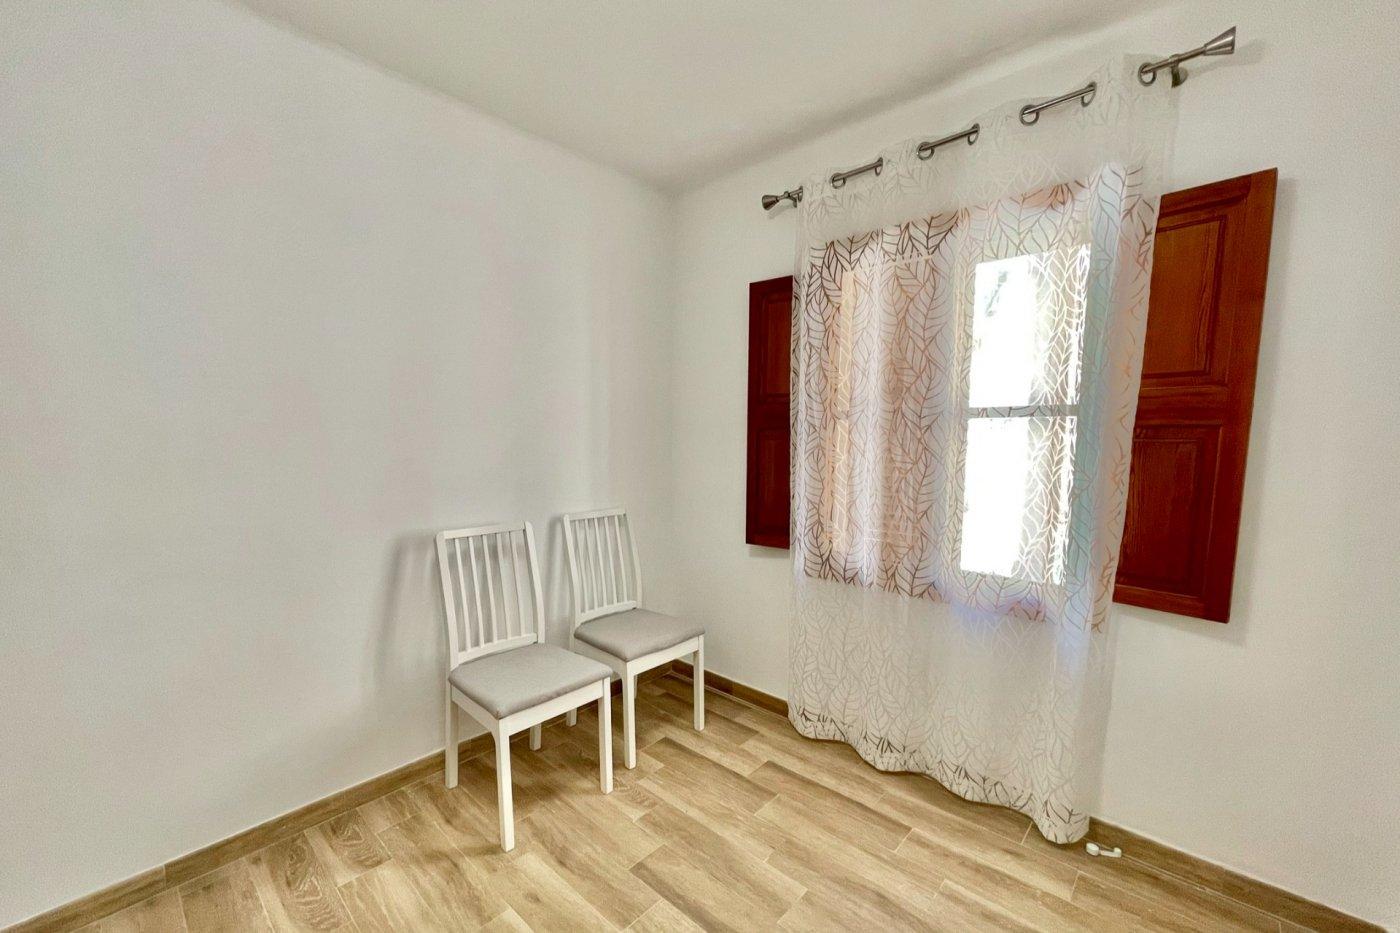 Piso amueblado de 57 m² de superficie con balcón, terraza y barbacoa en la zona de son cot - imagenInmueble6